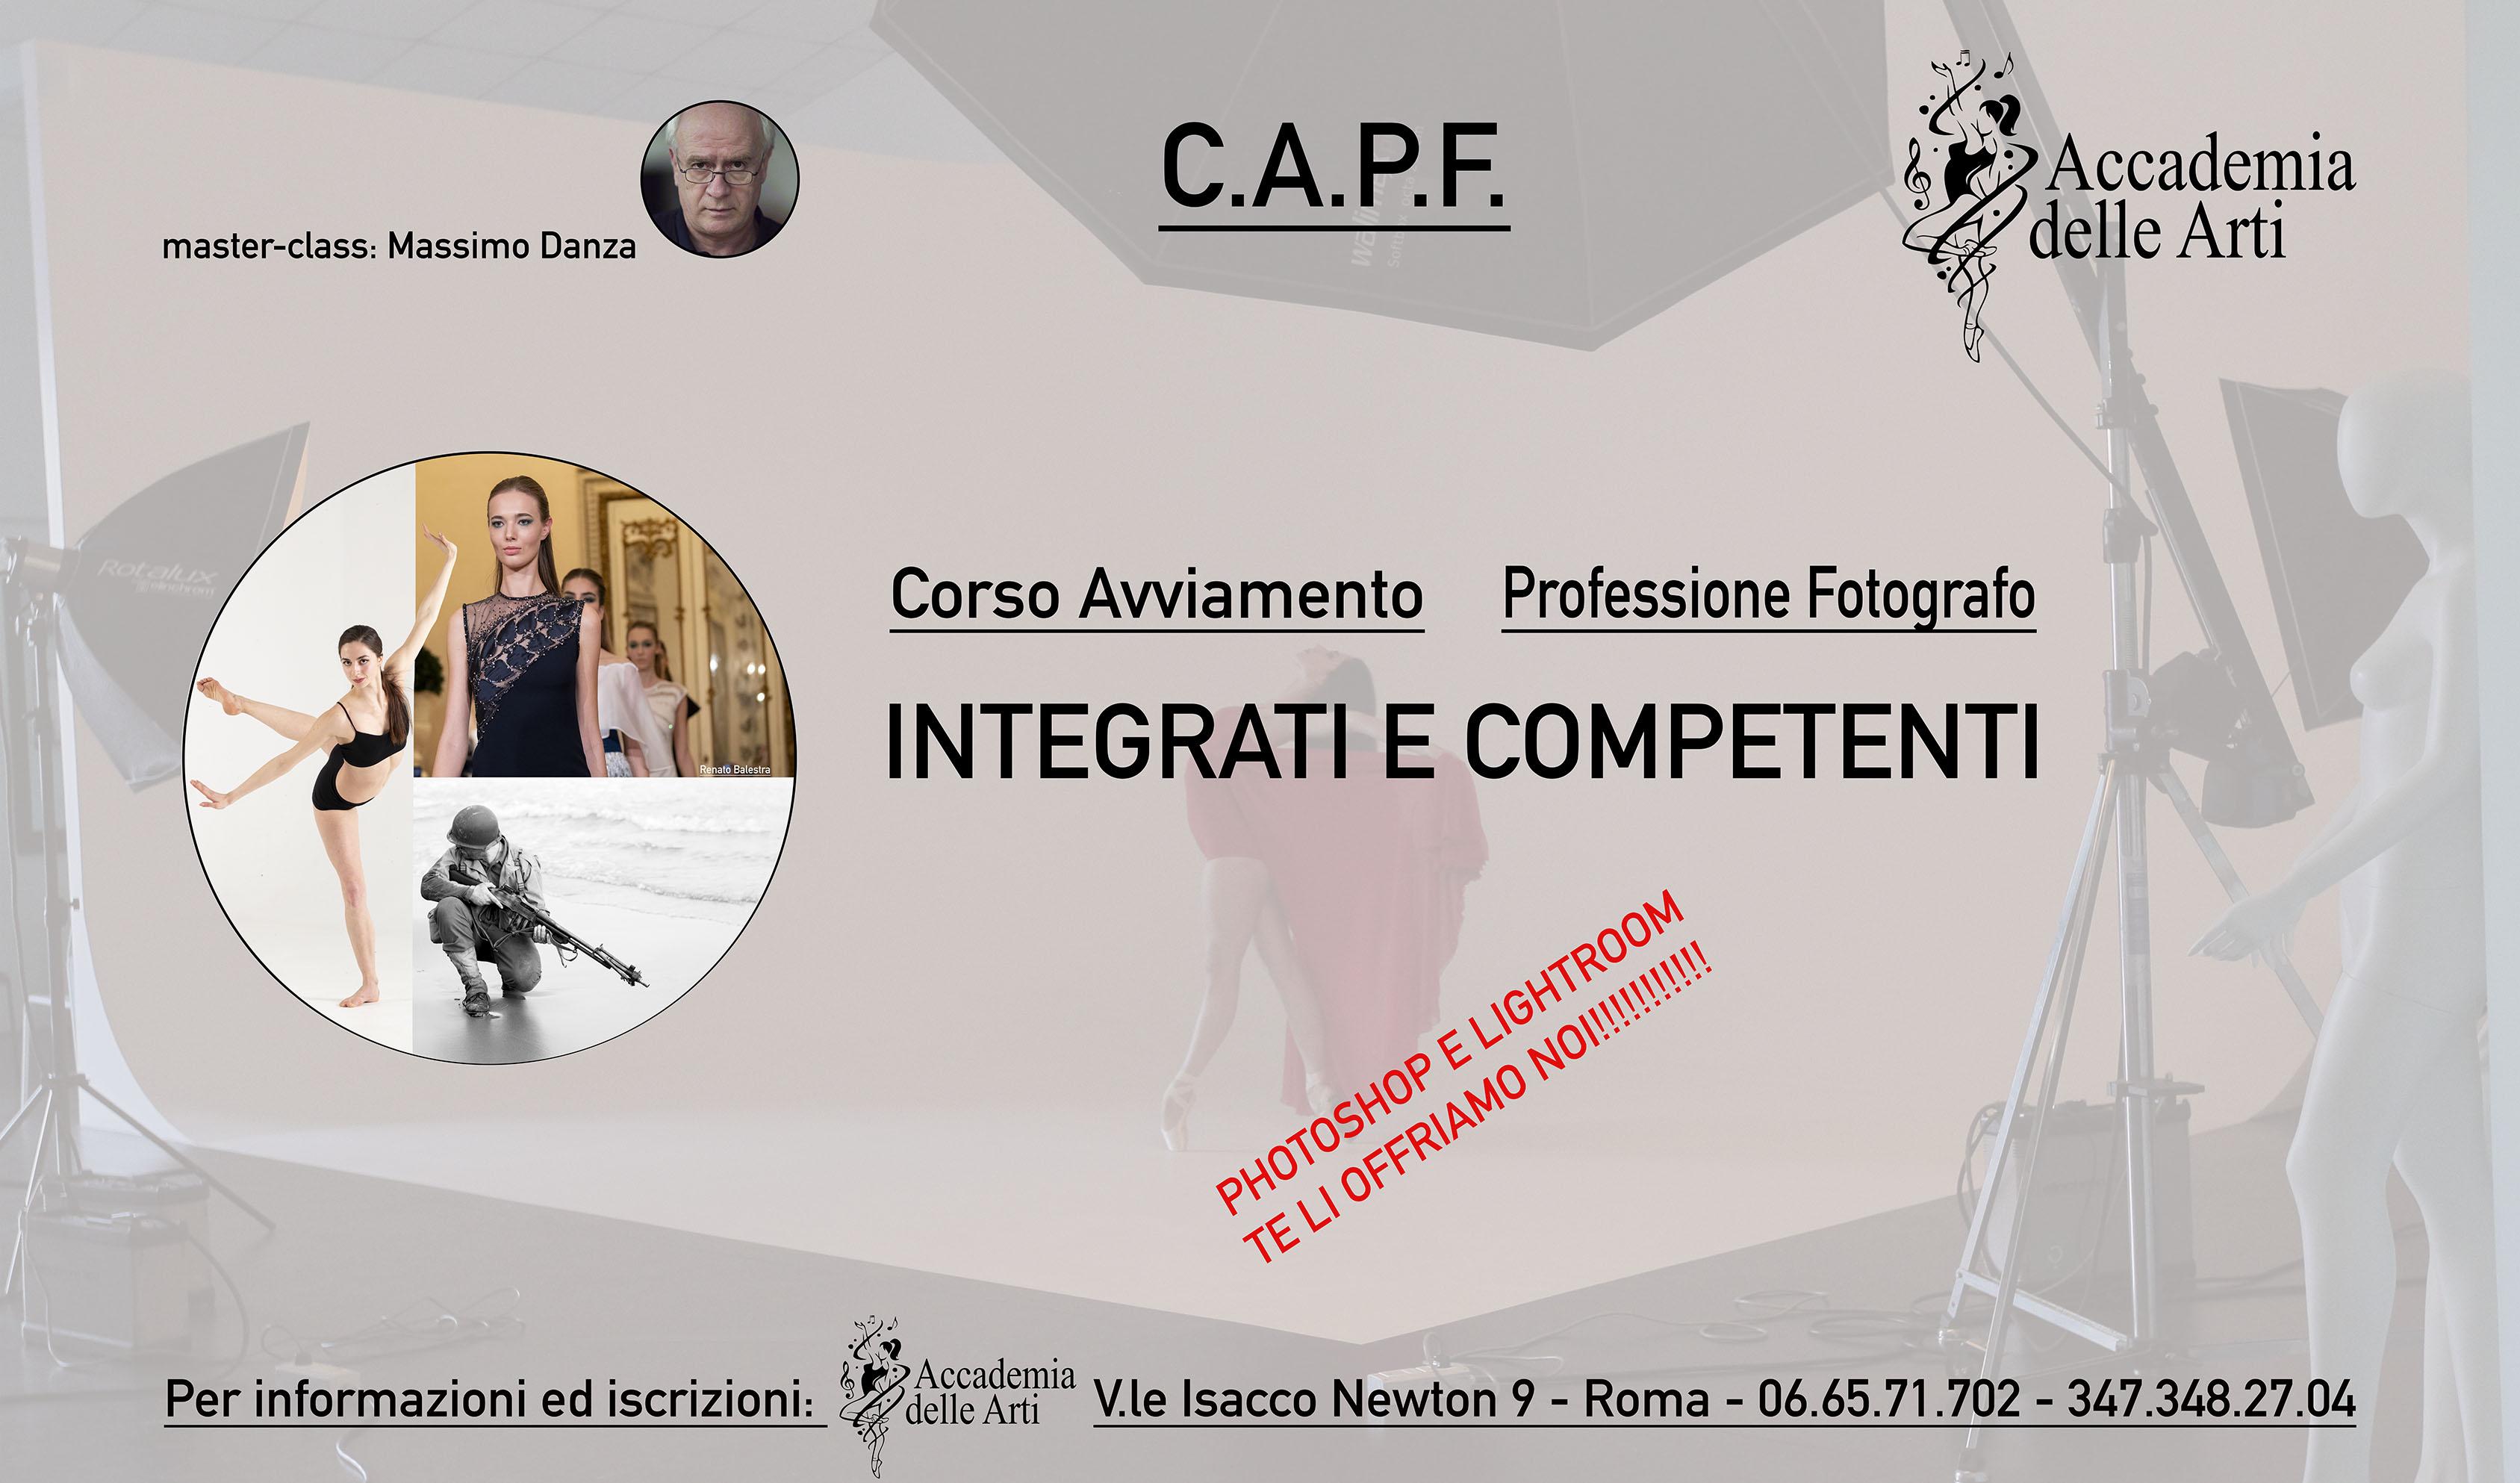 Corso di fotografia Accademia delle Arti Roma